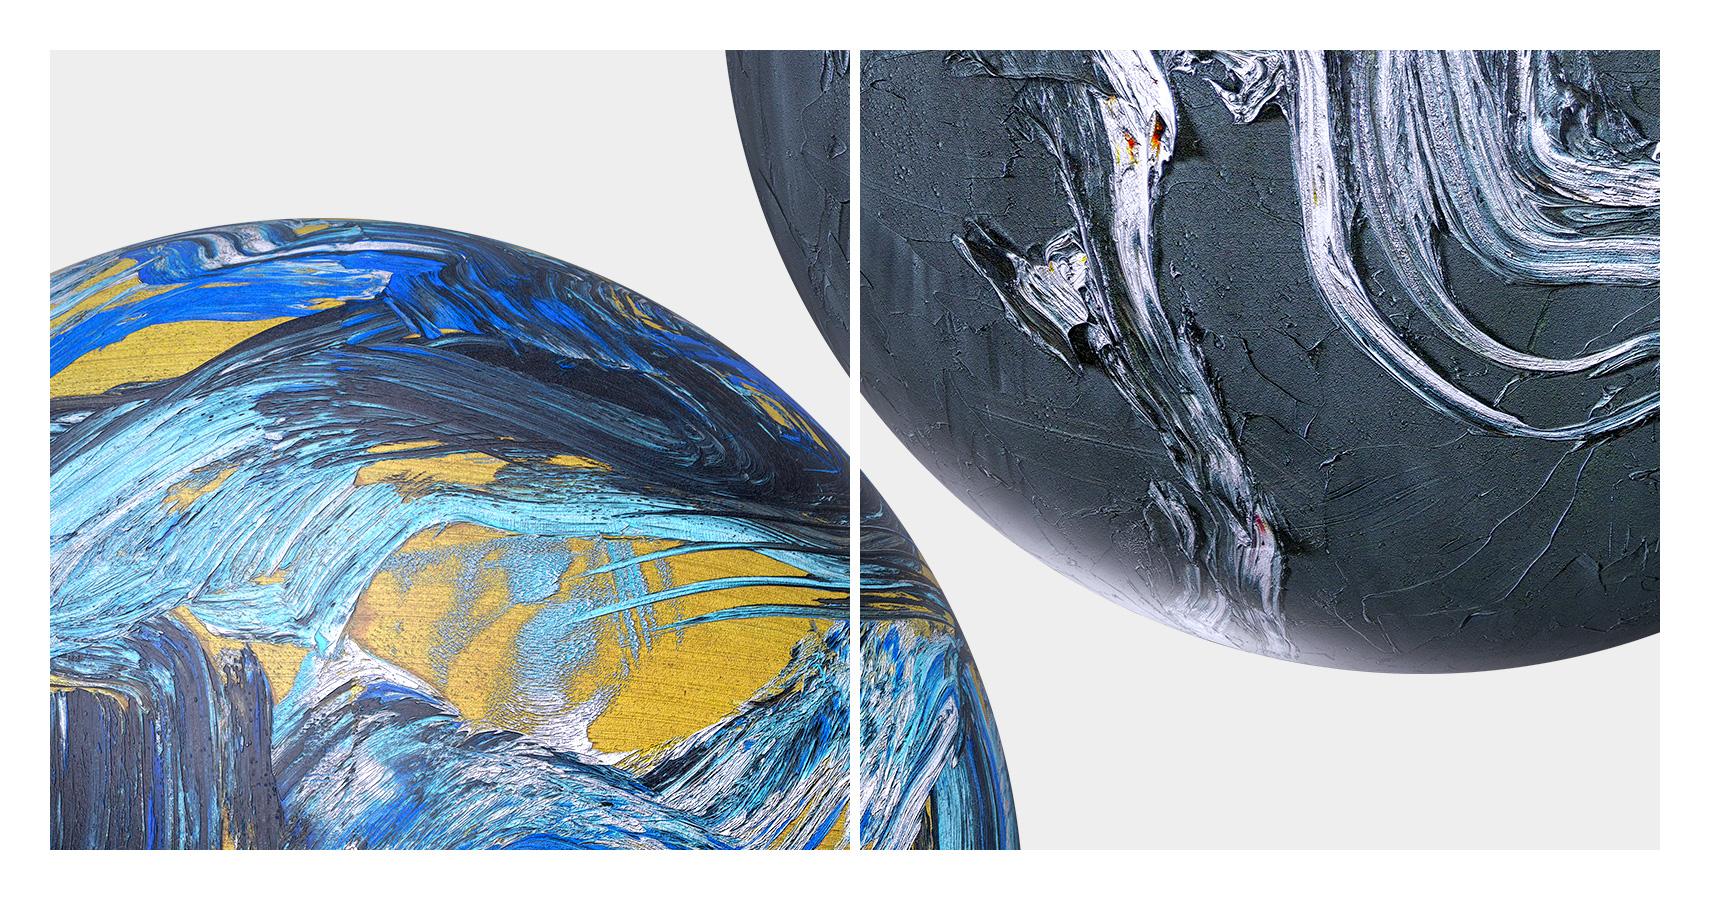 paint-balls-sample-004.jpg